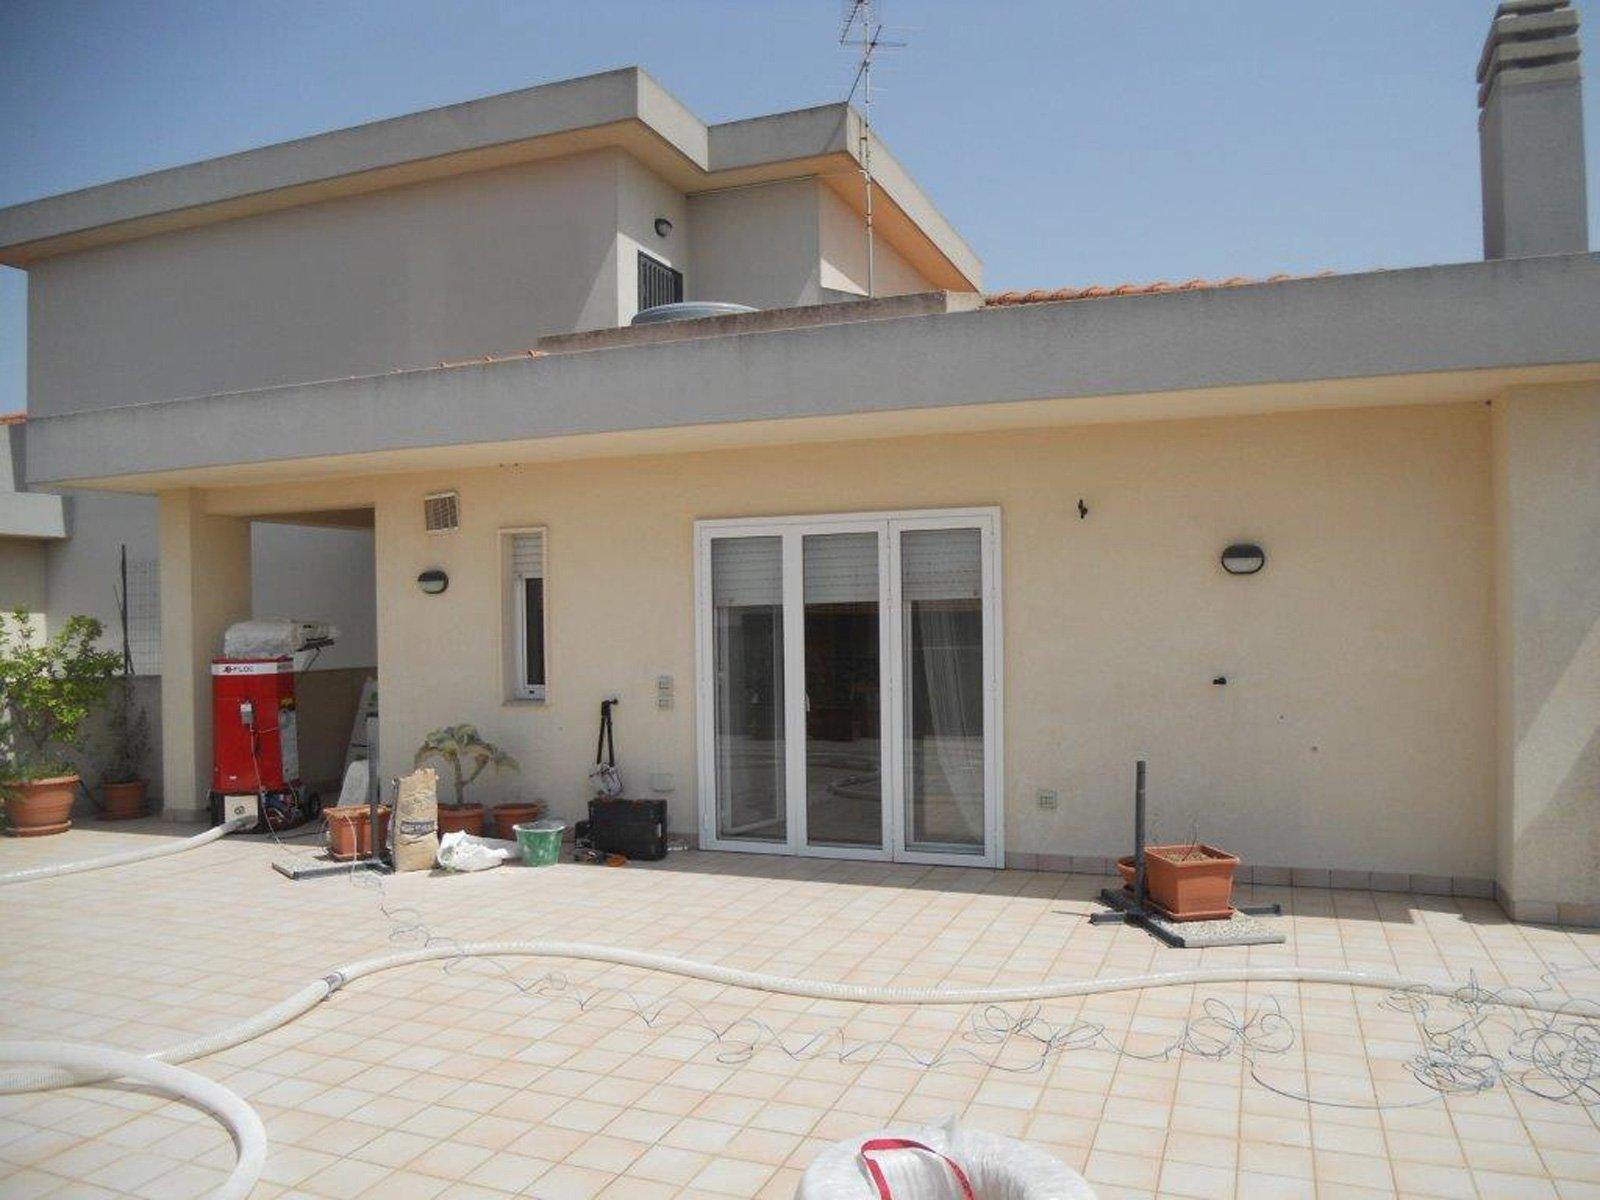 Isolamento termico come ridurre i consumi energetici in - Colore esterno casa campagna ...